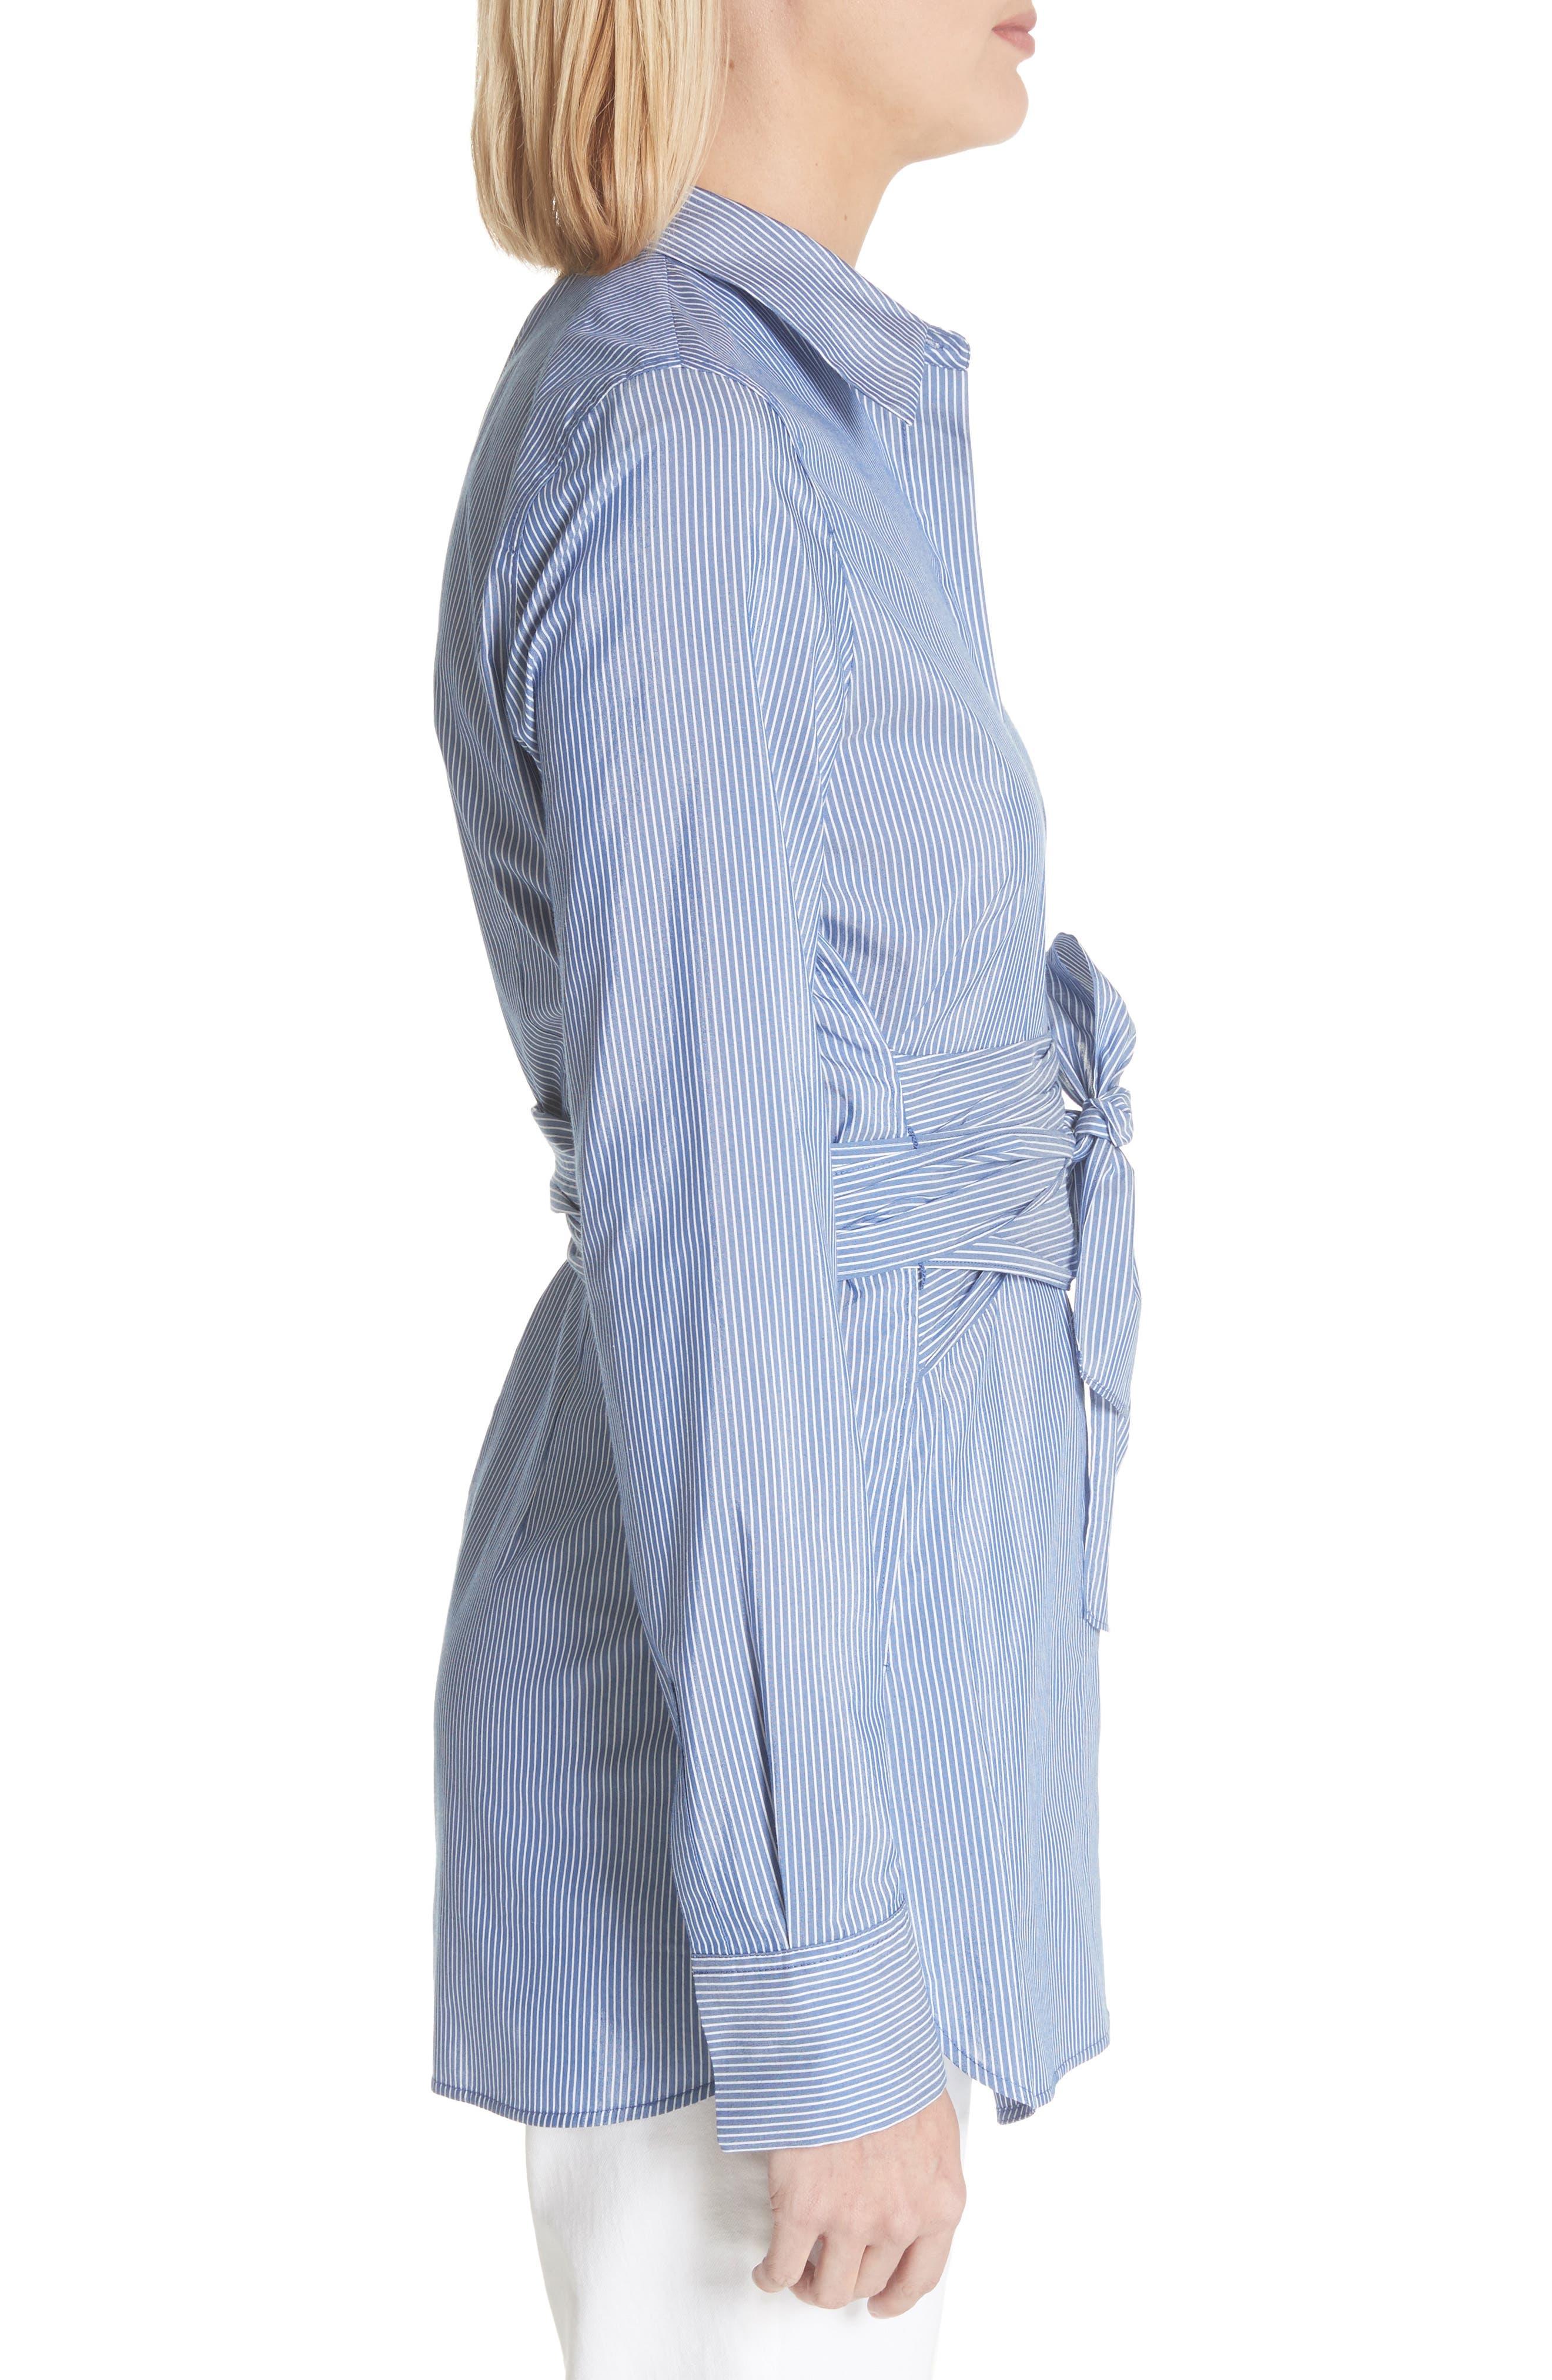 Cordelia Tie Waist Blouse,                             Alternate thumbnail 3, color,                             Delft Multi